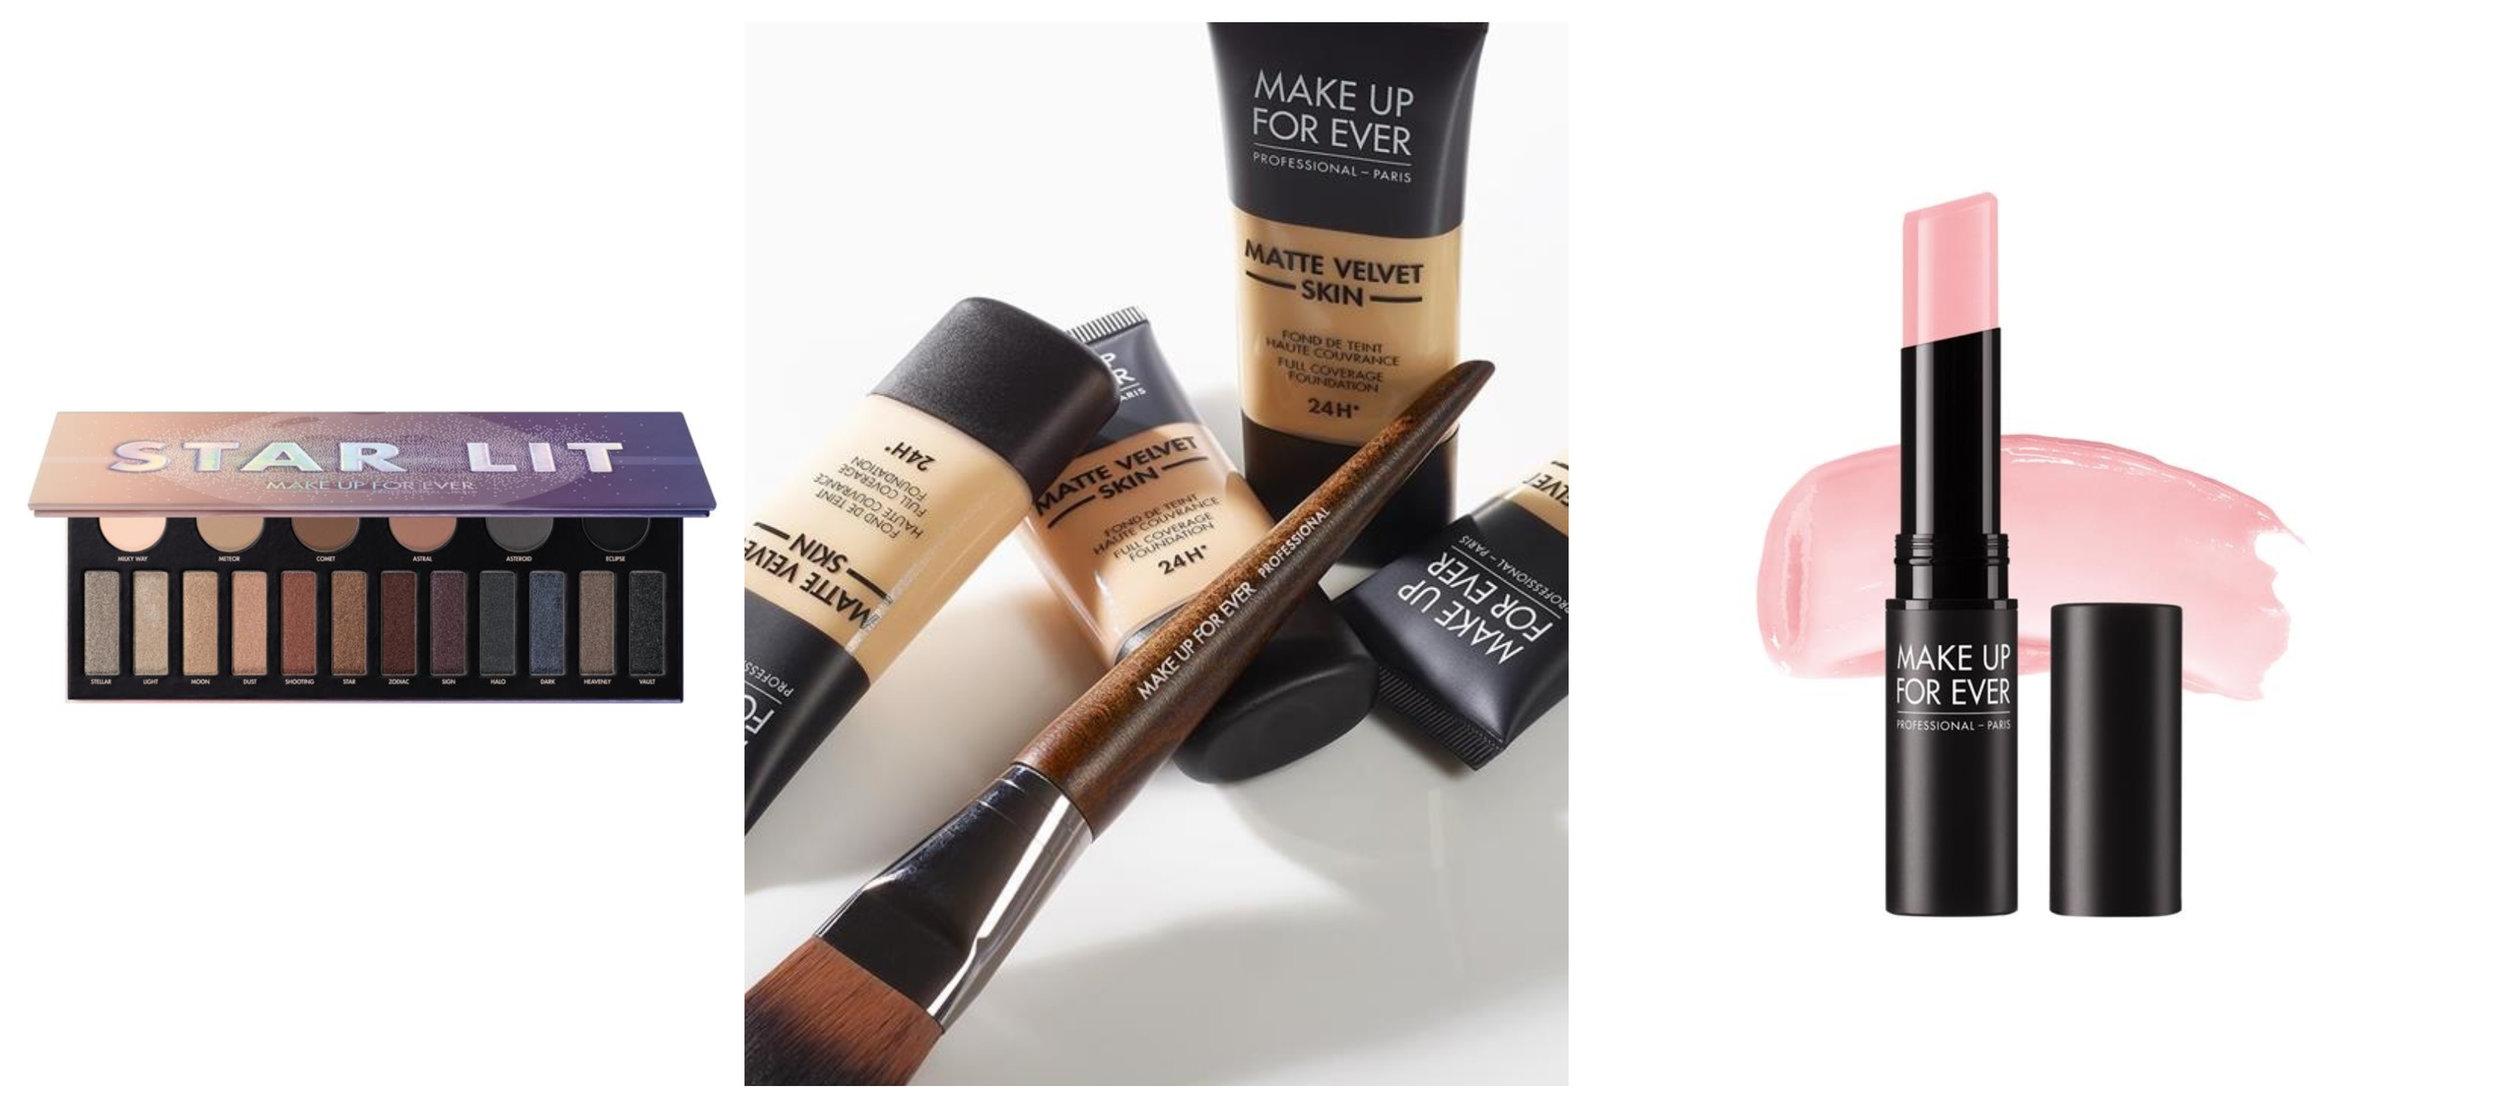 Make Up For Ever STAR LIT EYE SHADOW PALETTE H1 ,  Make Up For Ever Matte Velvet Skin Liquid Foundation Y245 Soft Sand ,  Make Up For Ever ARTIST HYDRABLOOM